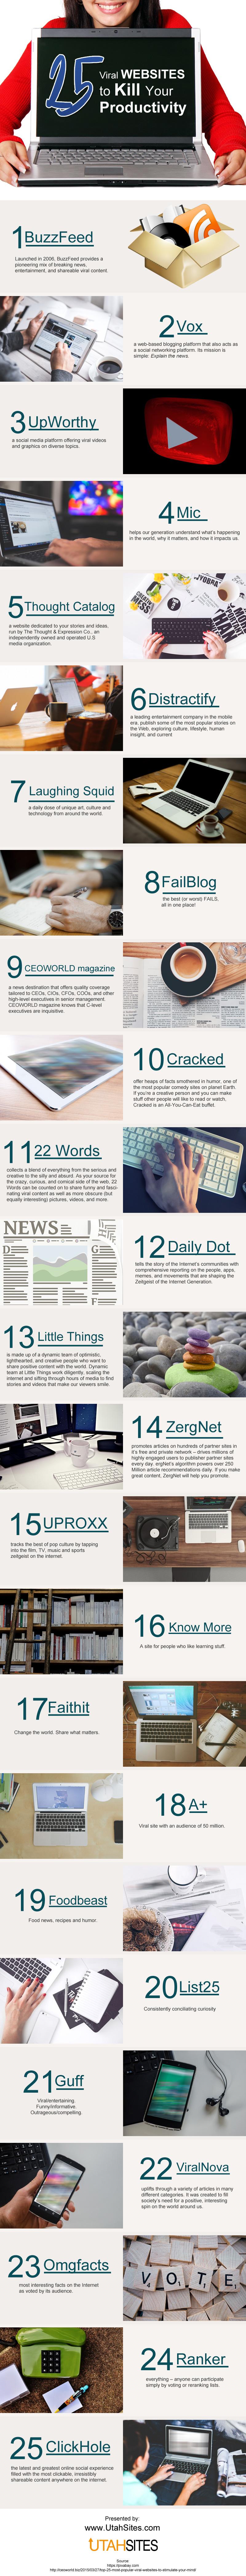 viral websites